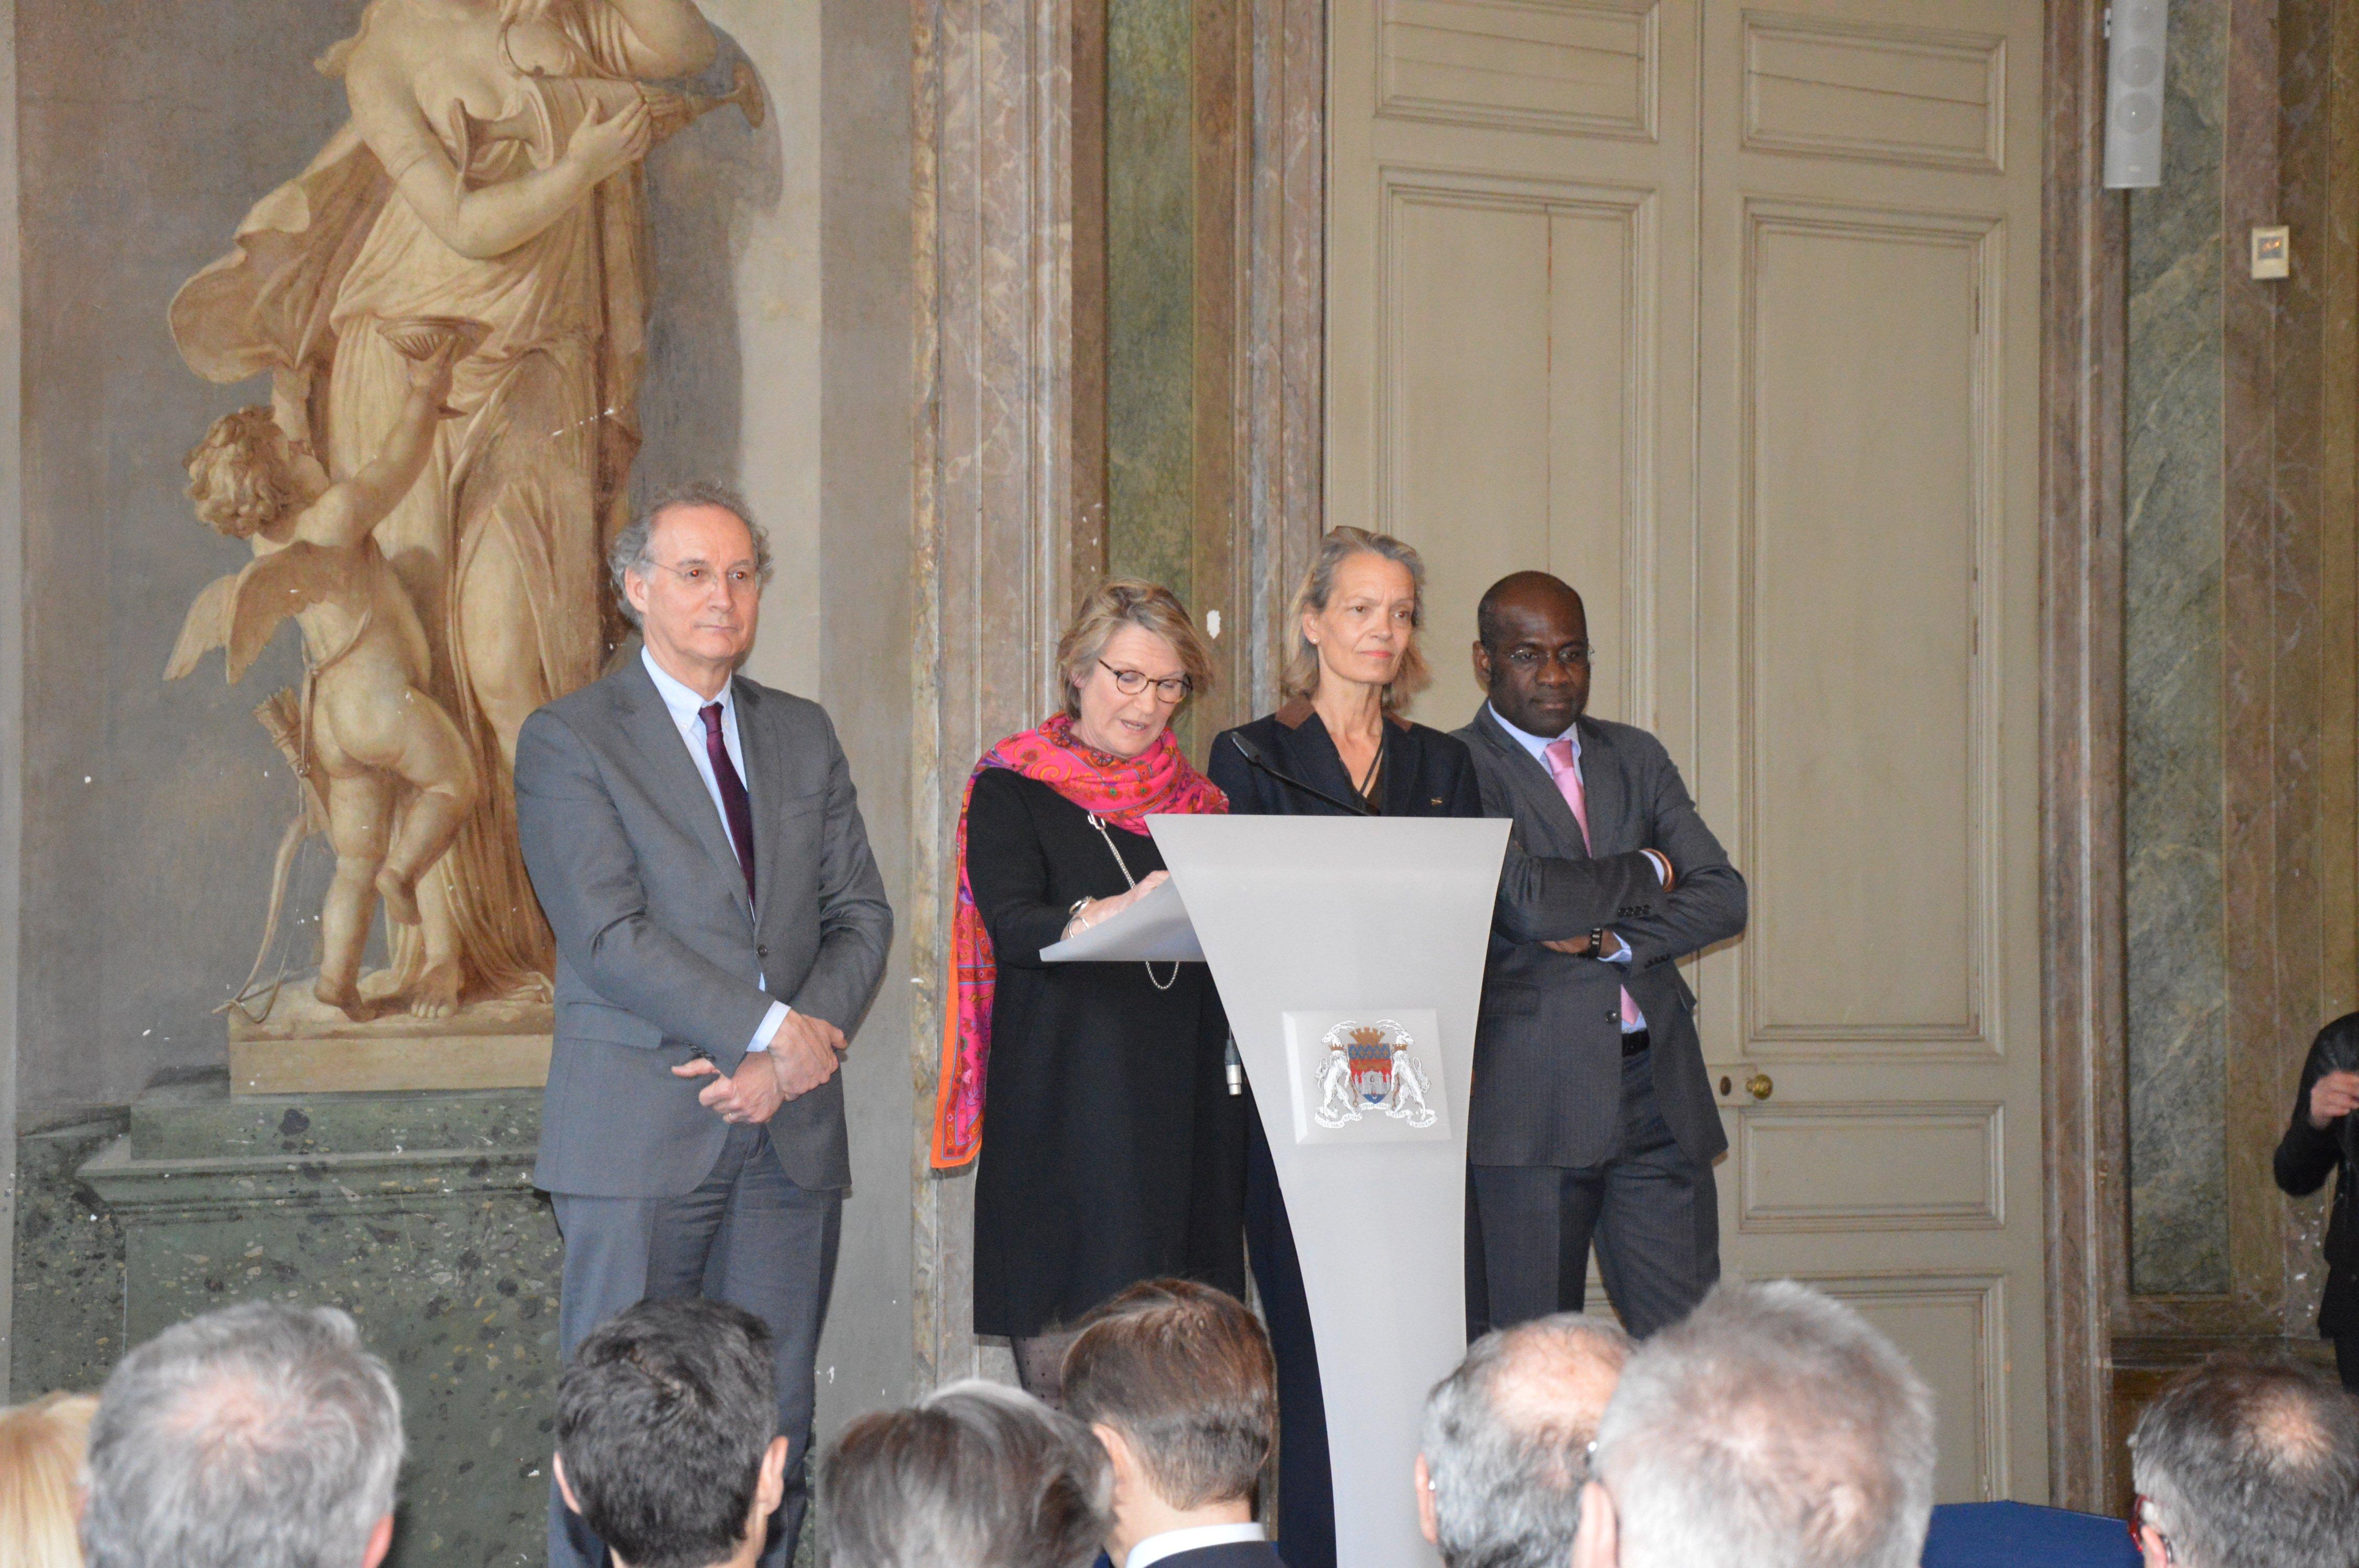 Photo, discours, Anne BREZILLON, Anne WALRYCK, Nicolas FLORIAN et Pierre de Gaétan NJIKAM-MOULIOM, anniversaire 90 ans Rotary Club Bordeaux